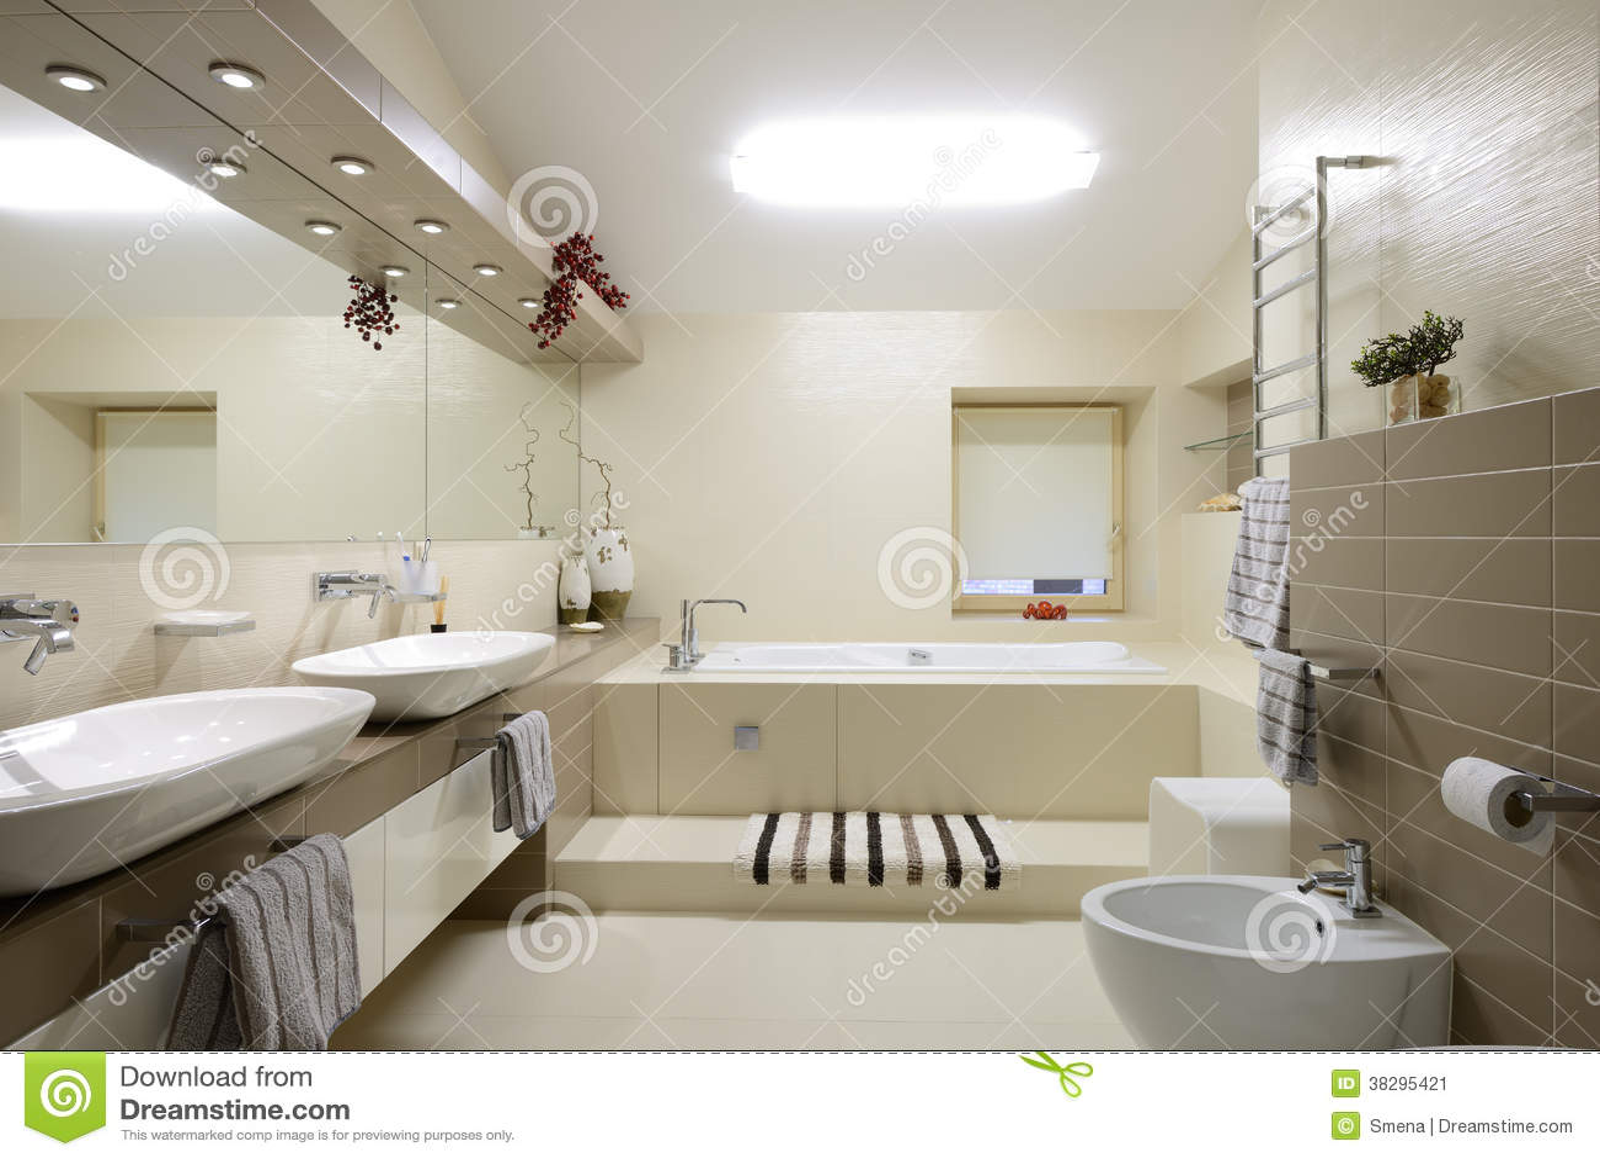 Interno moderno bagno immagine stock immagine 38295421 for Interno moderno